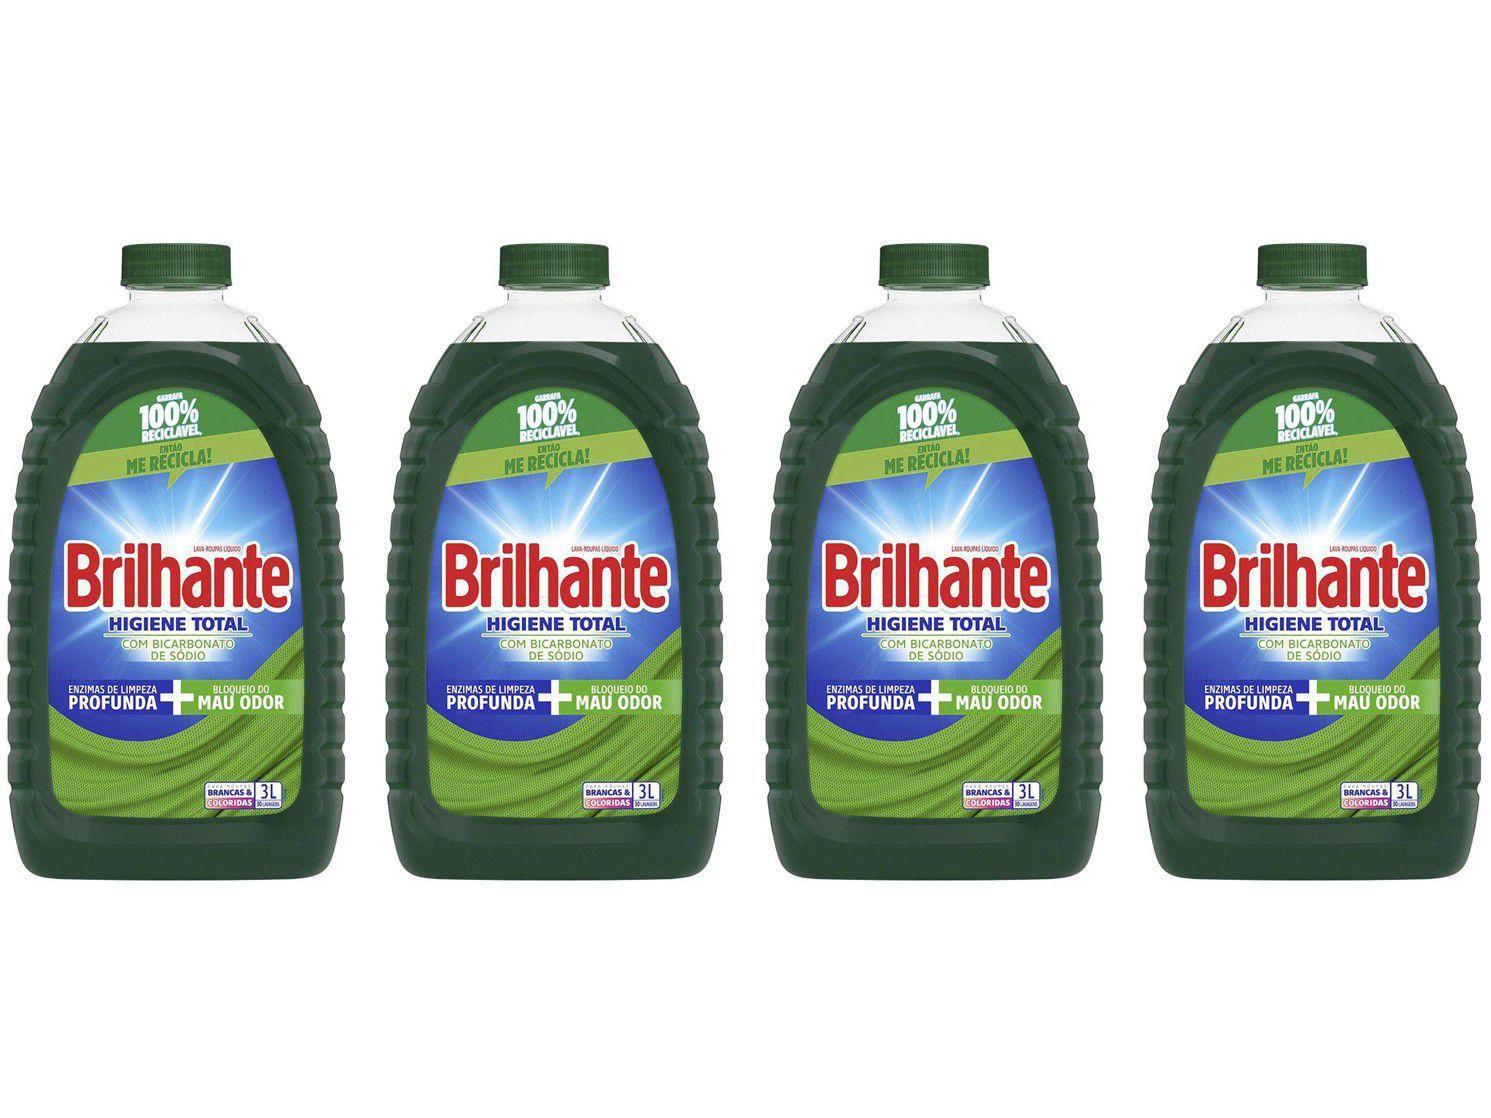 Kit Sabão Líquido Brilhante Higiene Total - 4 Unidades 3L Cada